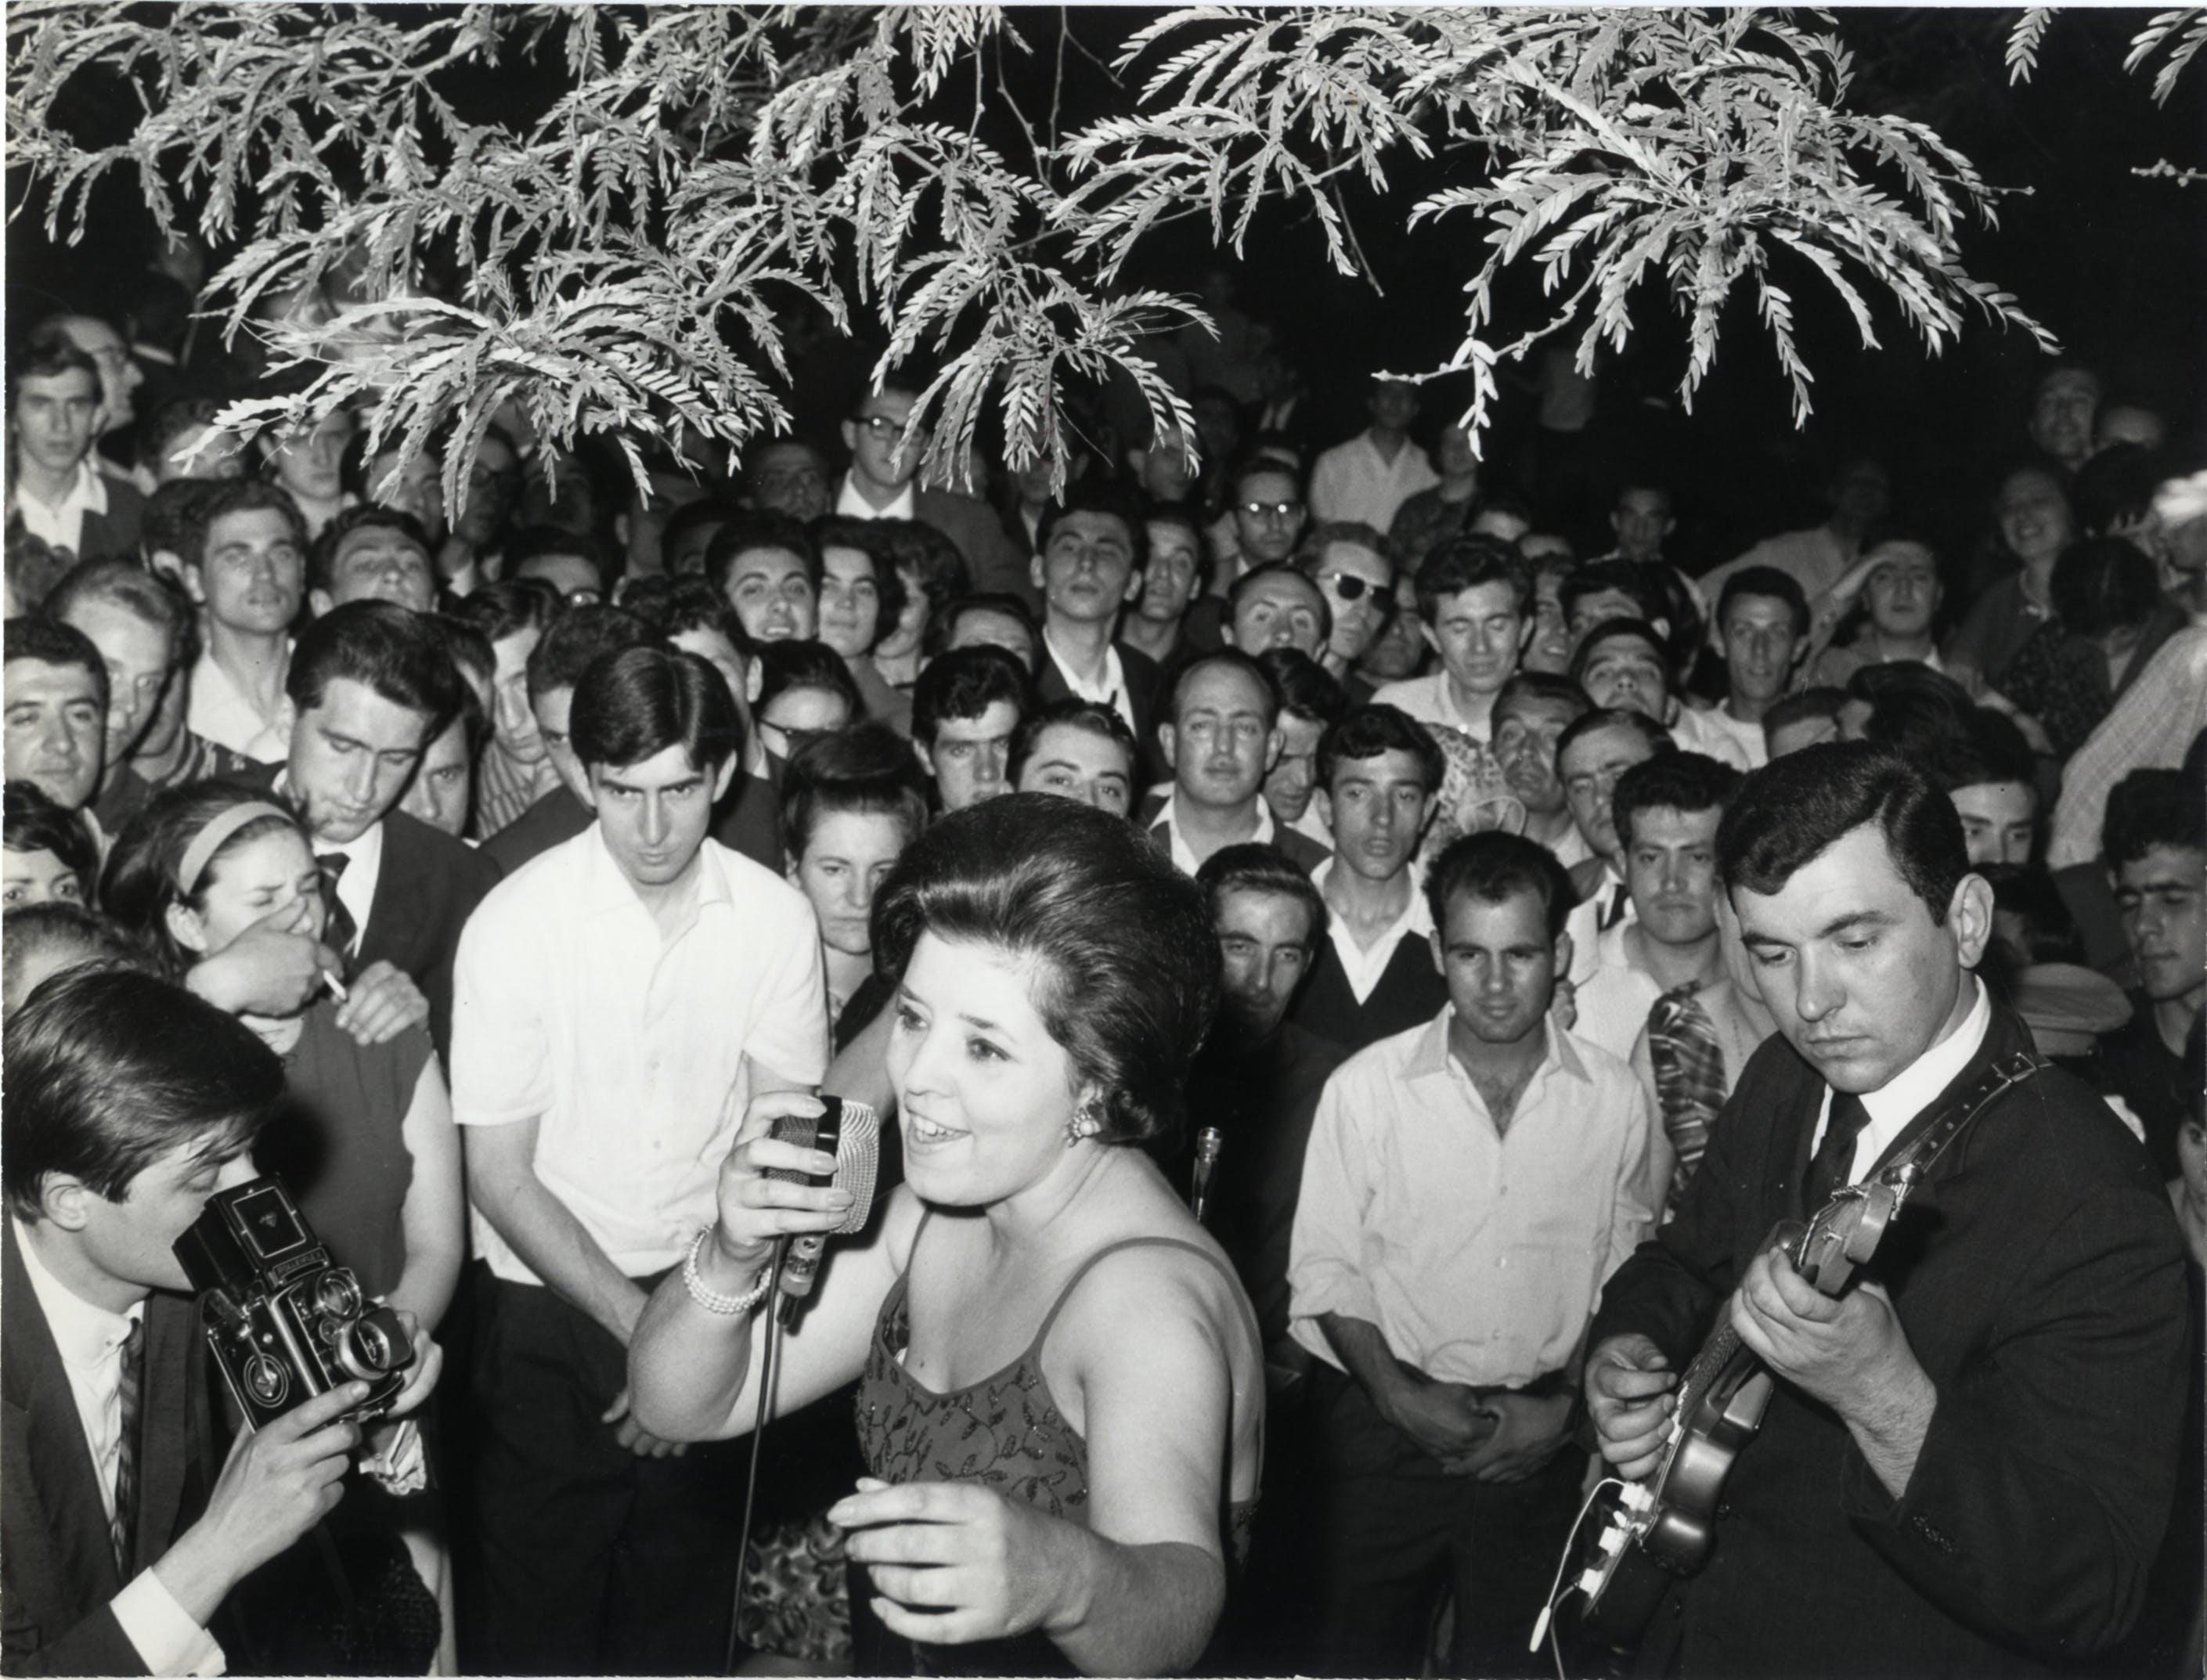 1964, XIII Triennale, Wilma De Angelis durante uno spettacolo serale nel giardino della Triennale